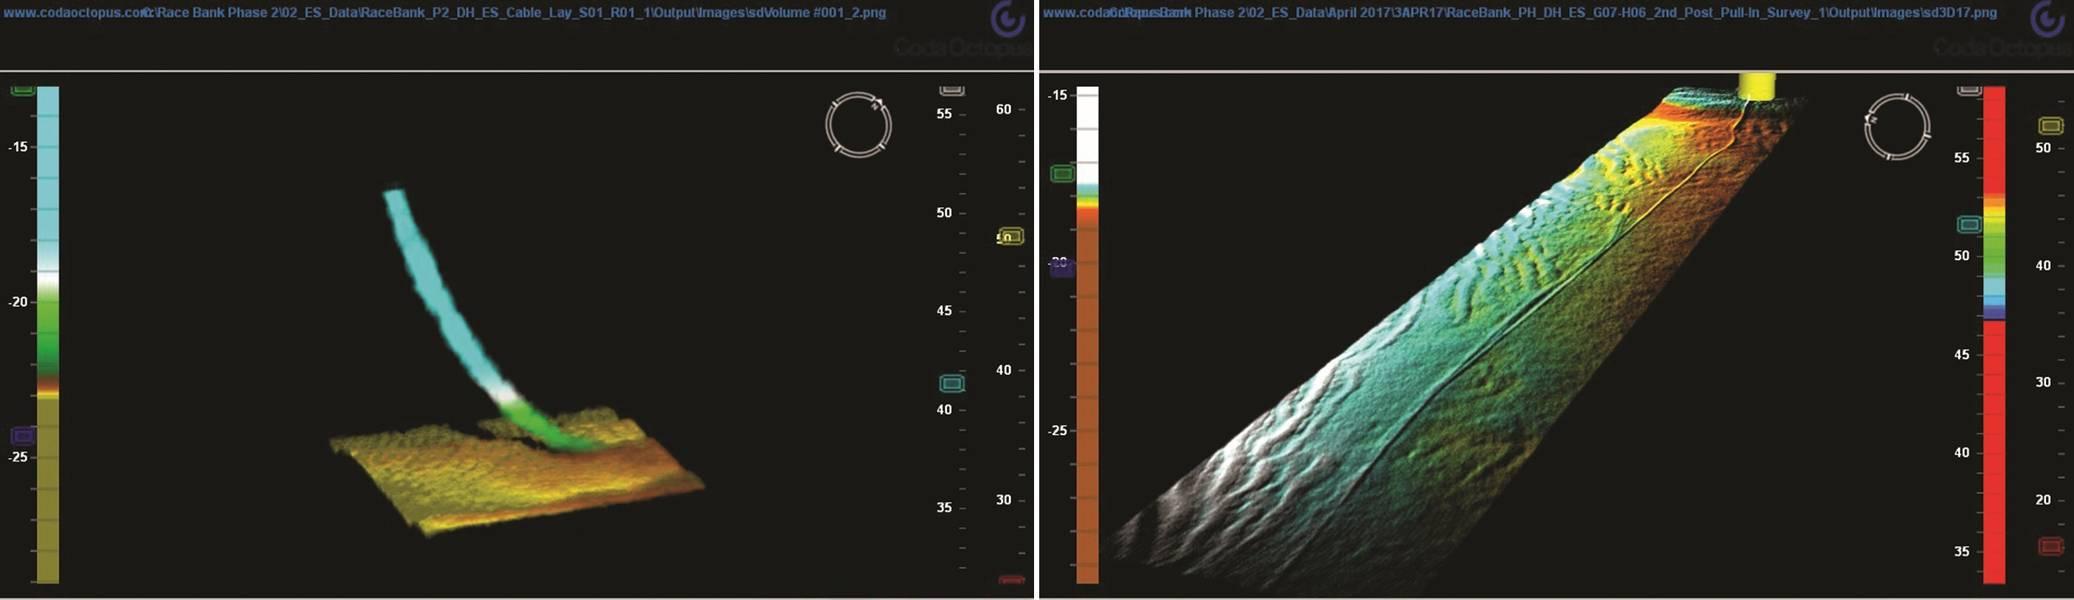 Σχήμα 8 - Αμφίδρομη καλωδίωση τροφοδοσίας καλωδίων και παρακολούθηση TD / As-Laid Survey of Cable (Εικόνα: Coda χταπόδι)